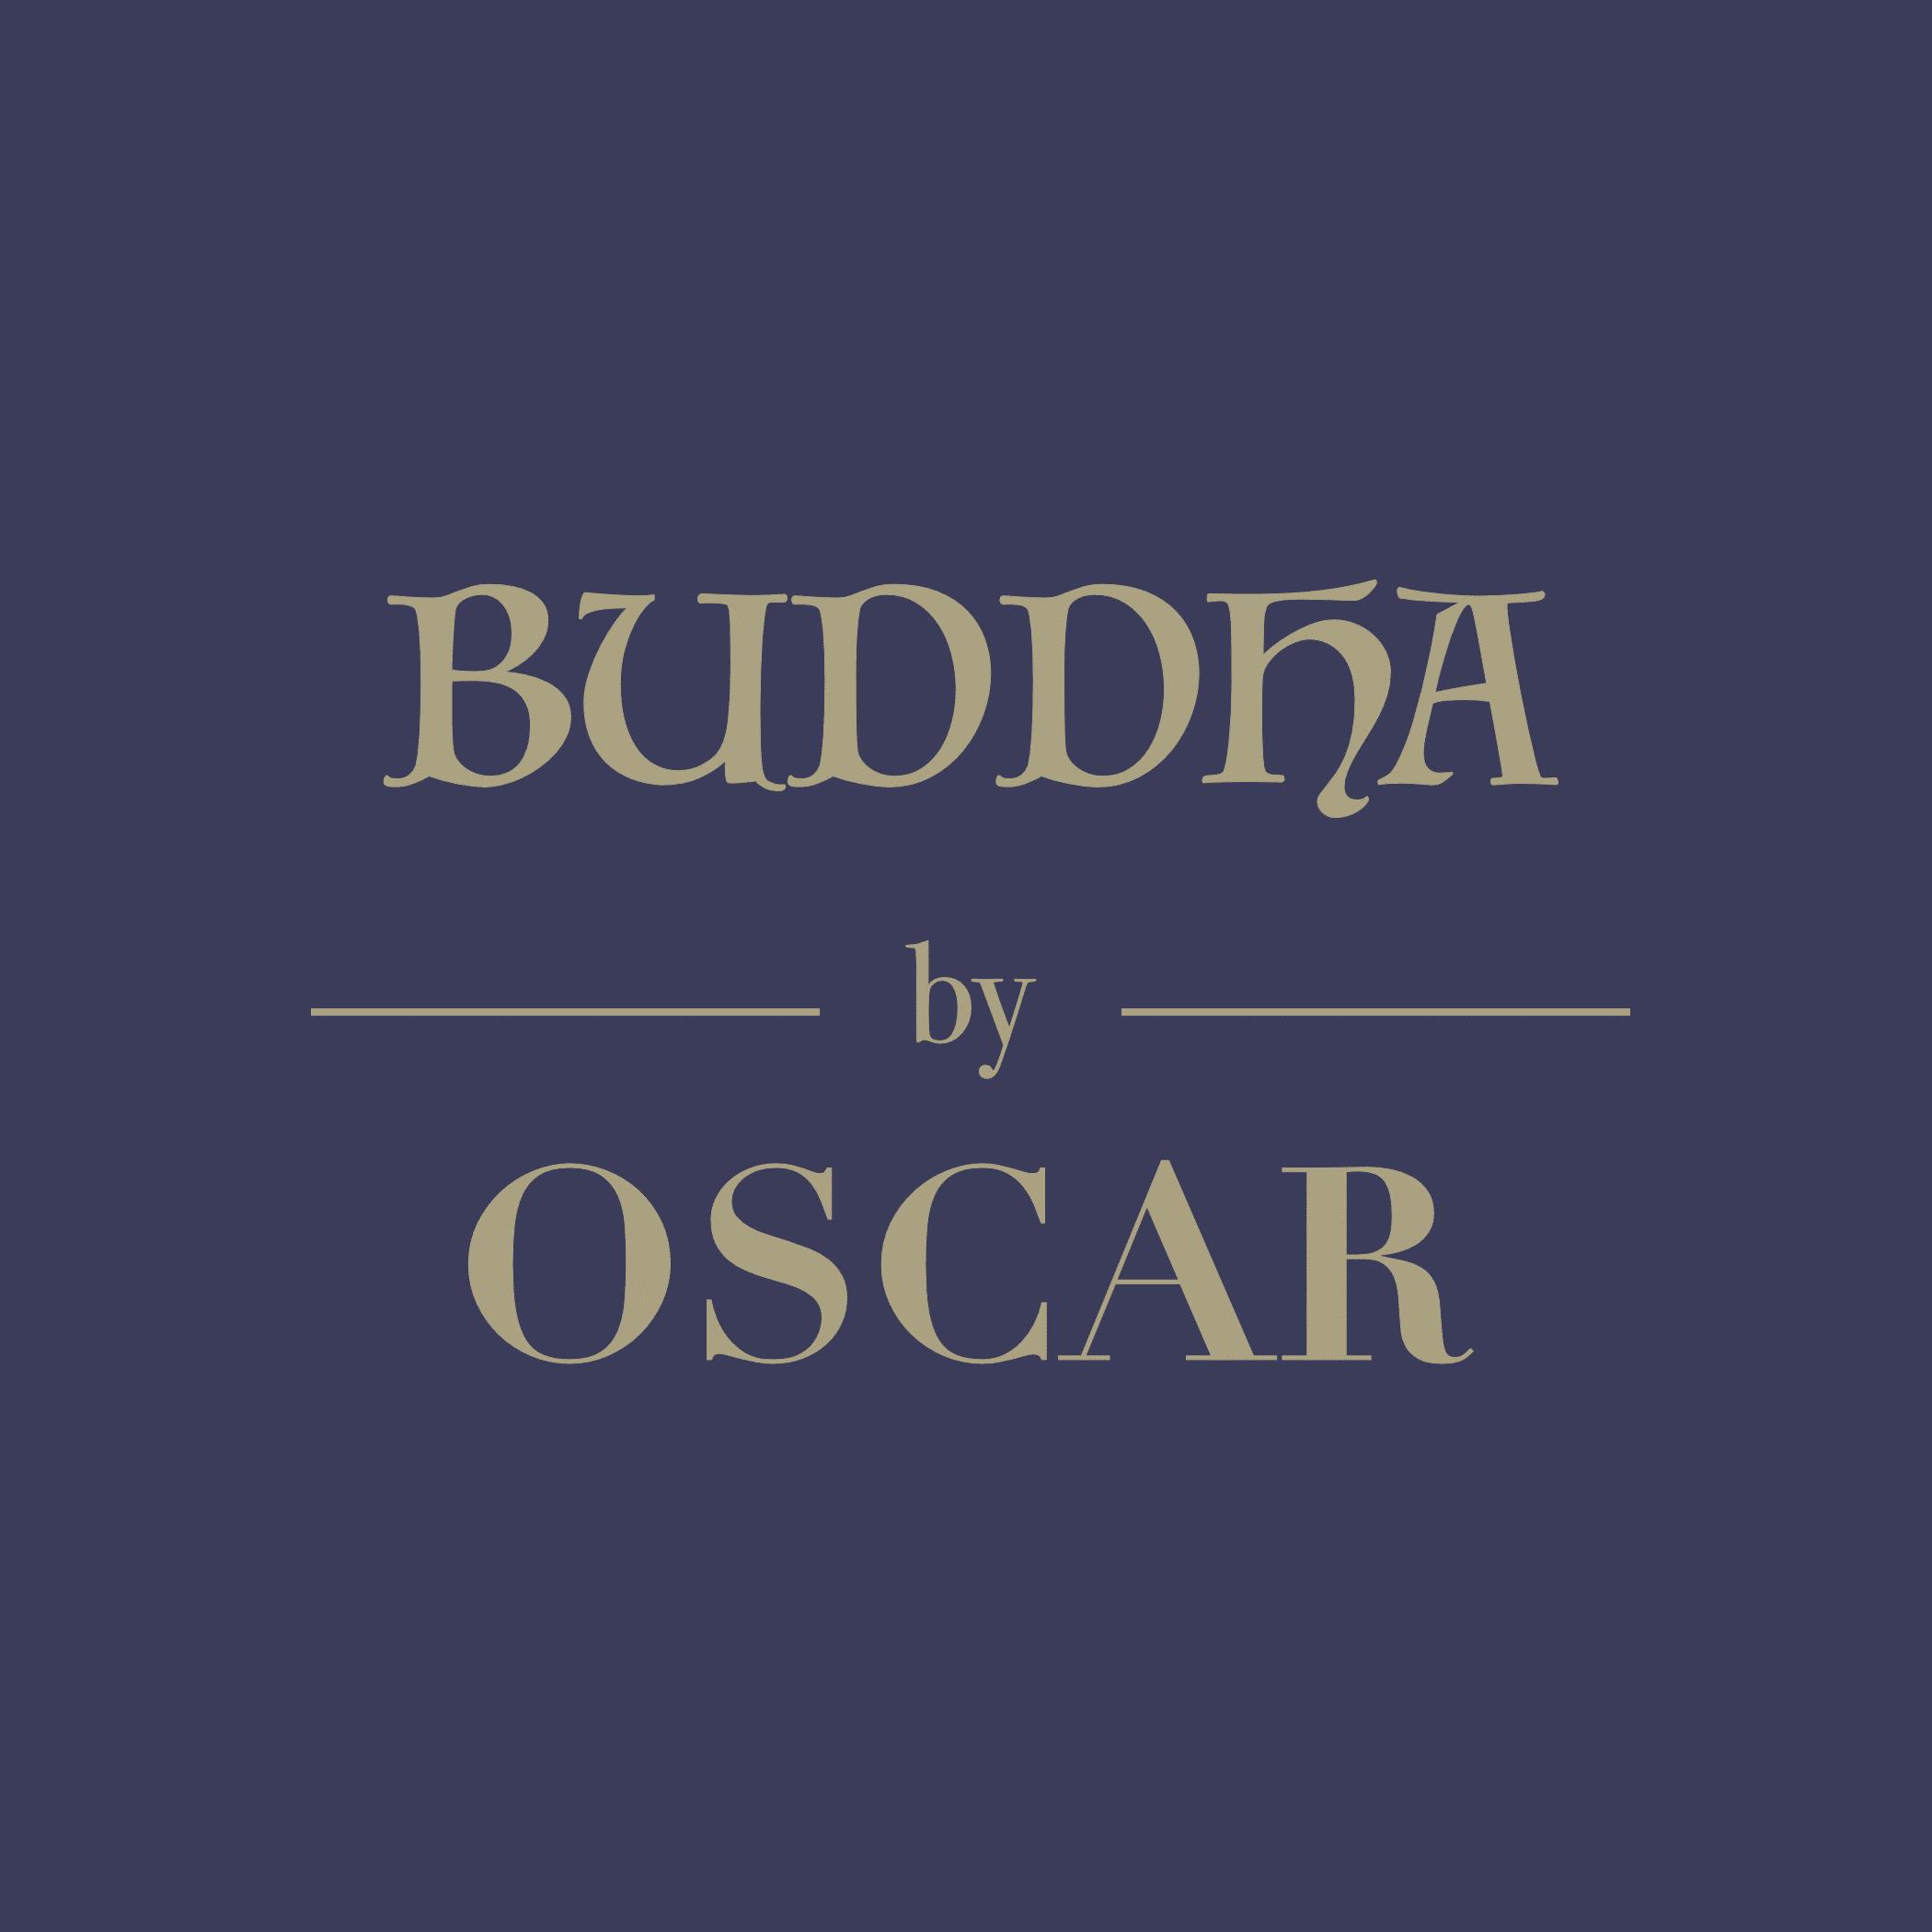 BUDDHA by OSCAR Logo mit Lila Hintergrund